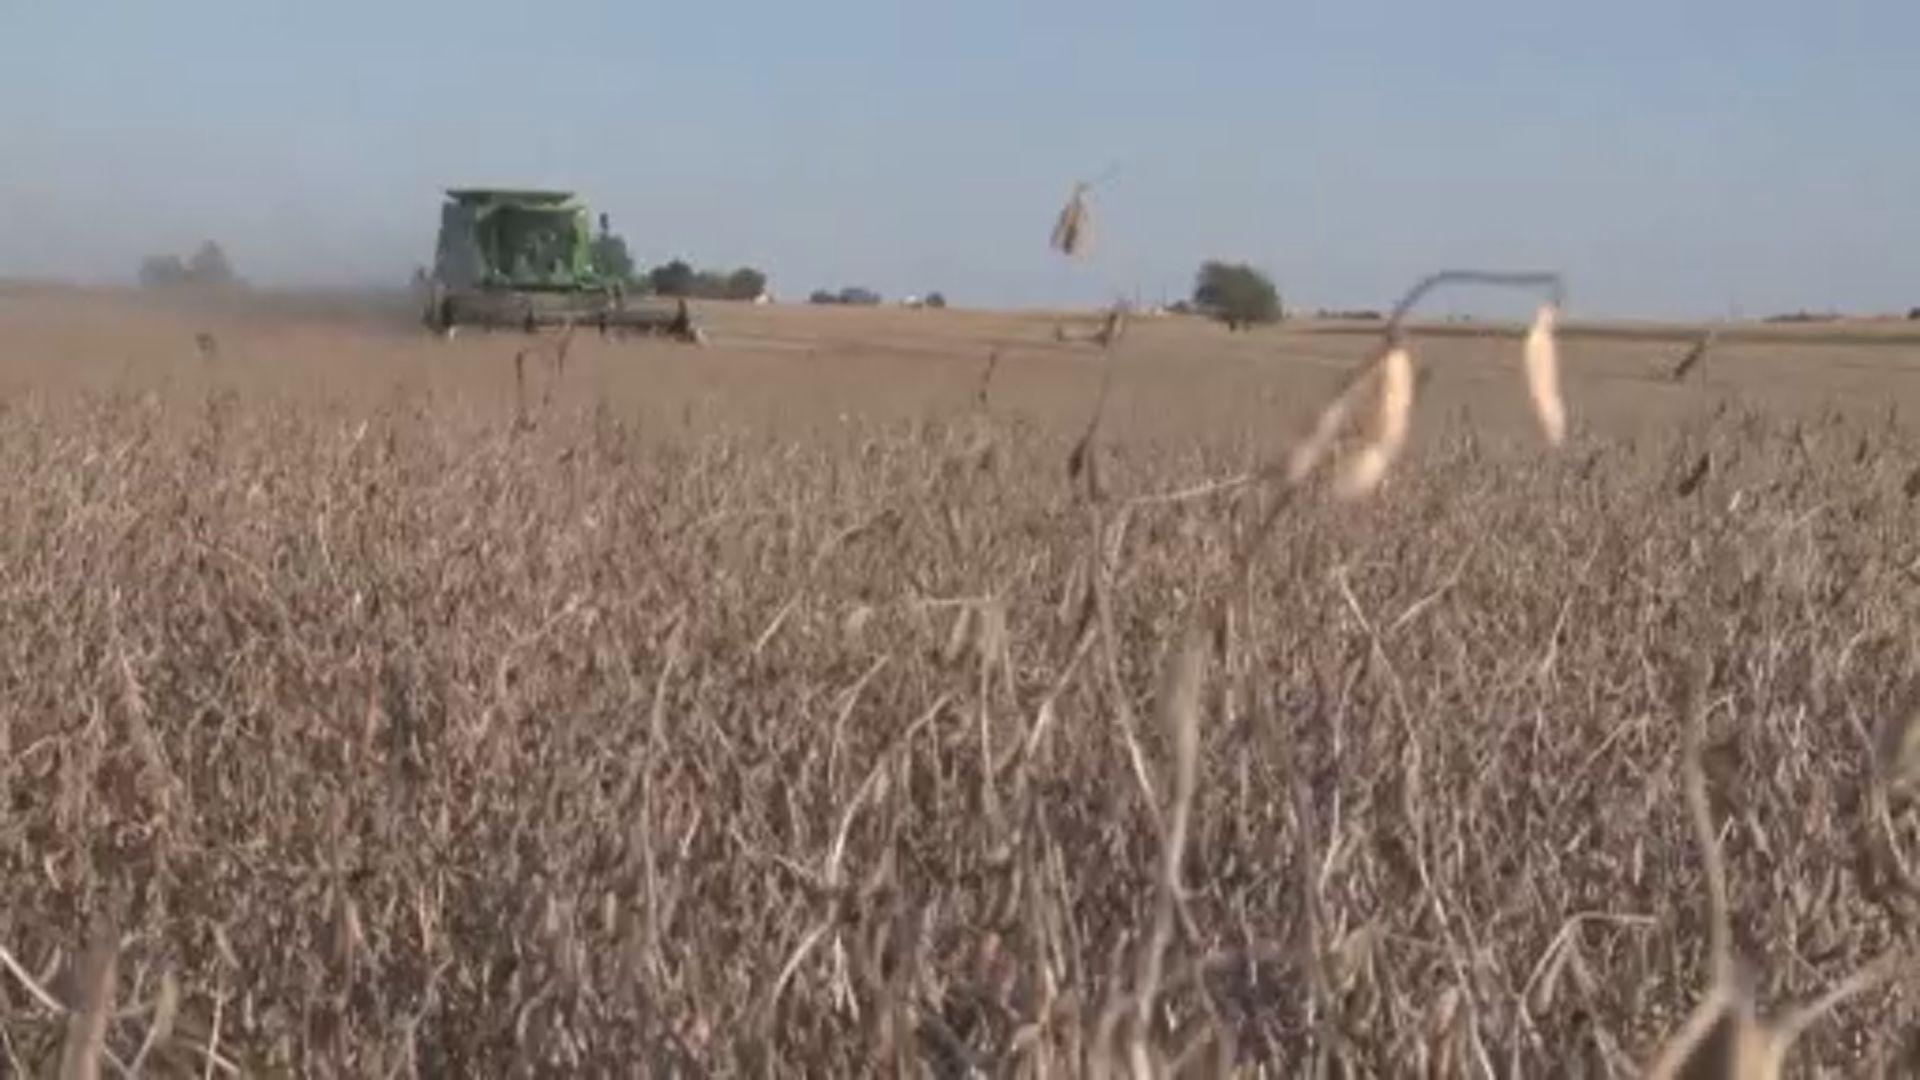 【環球薈報】美軍方研究改變農作物基因惹疑慮